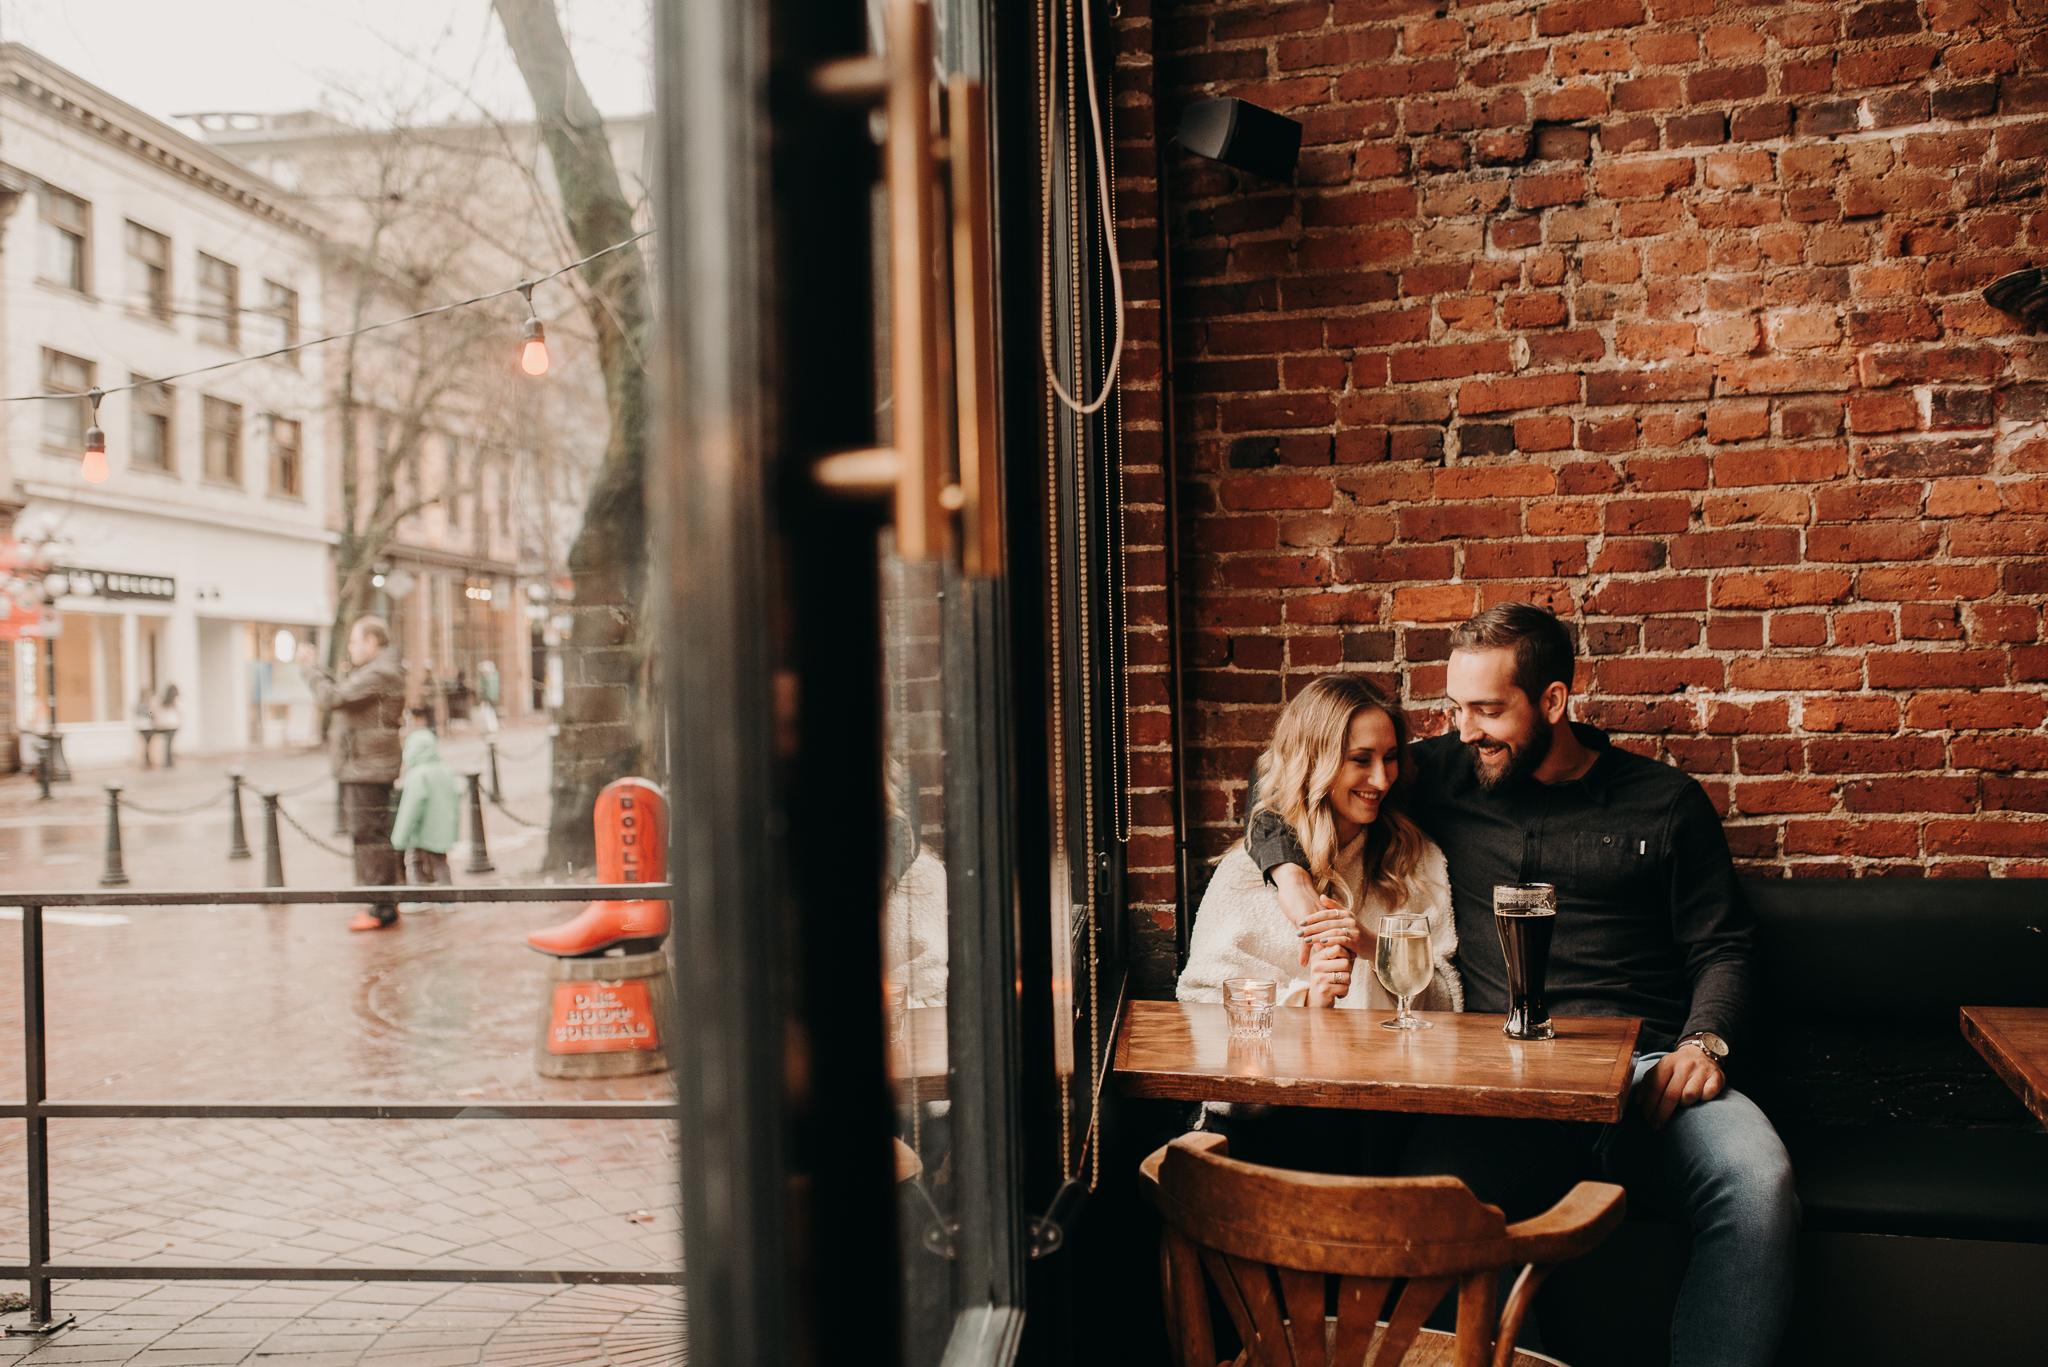 Amanda & Eric Gastown Vancouver Engagement Session - Laura Olson Photography - Sunshine Coast BC Photographer - Vancouver Photographer-1849.jpg